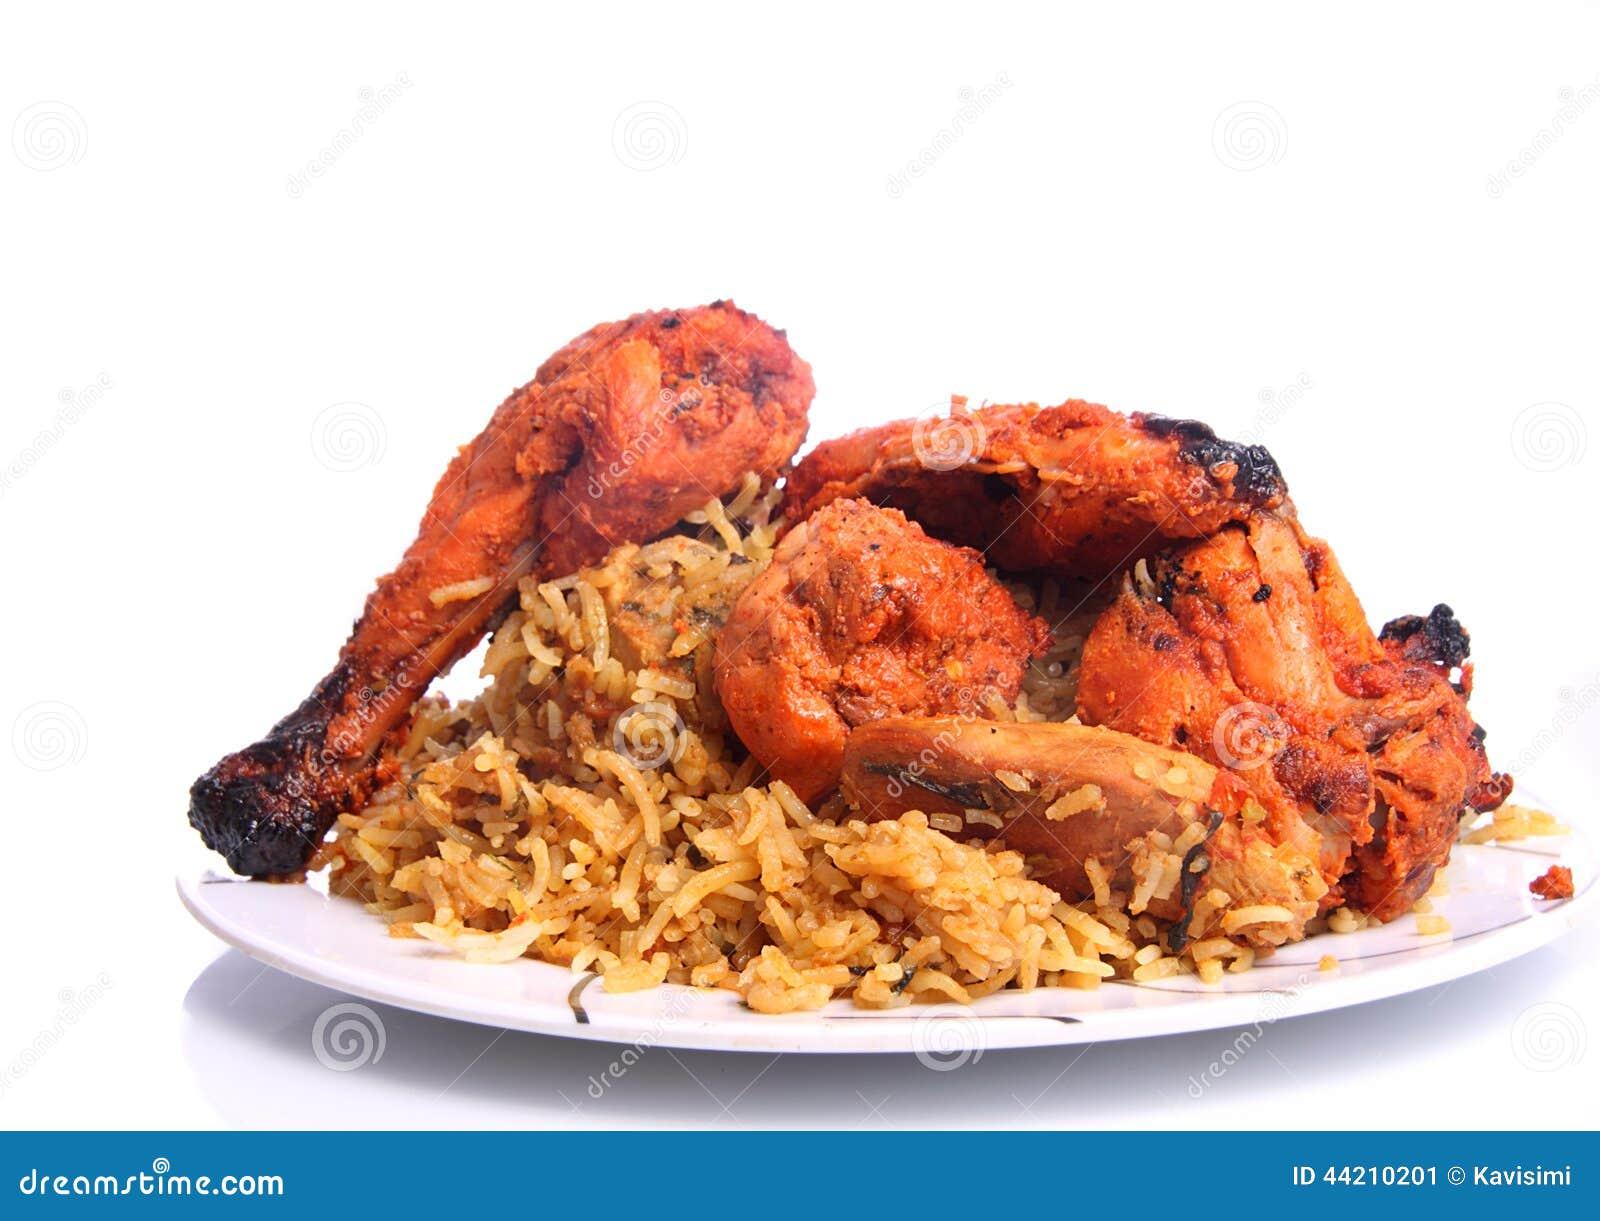 Tandoori Chicken And Chicken Biryani Stock Image